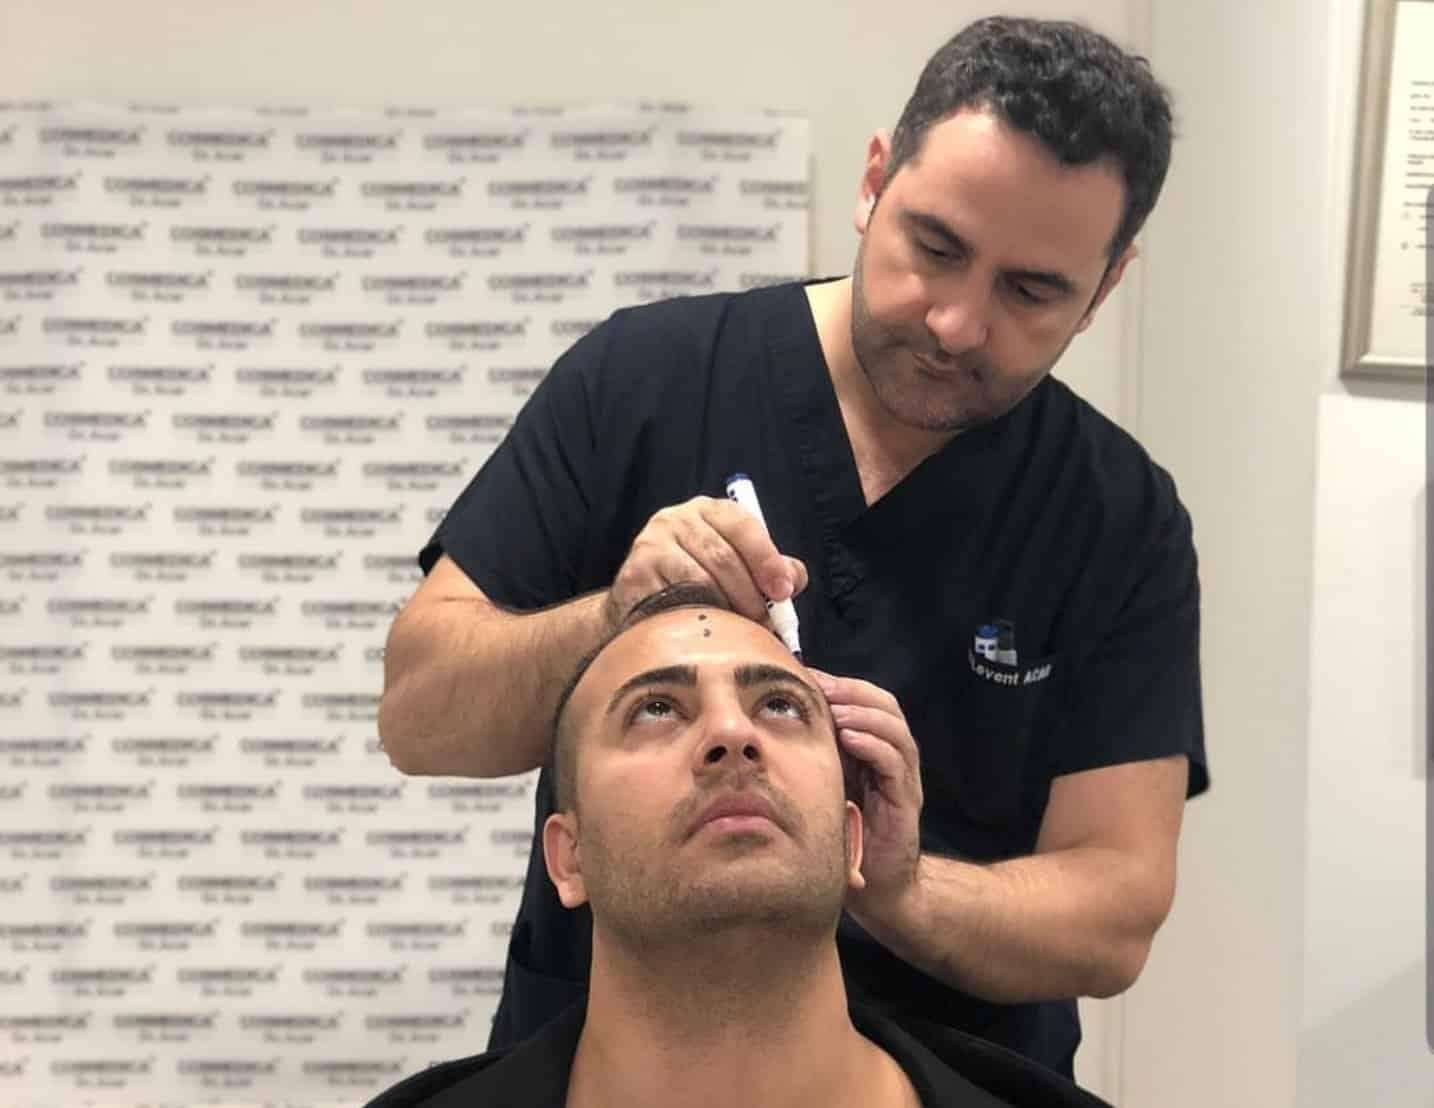 דר אקאר מתכנן את קו השיער של השתלת שיער בטורקיה